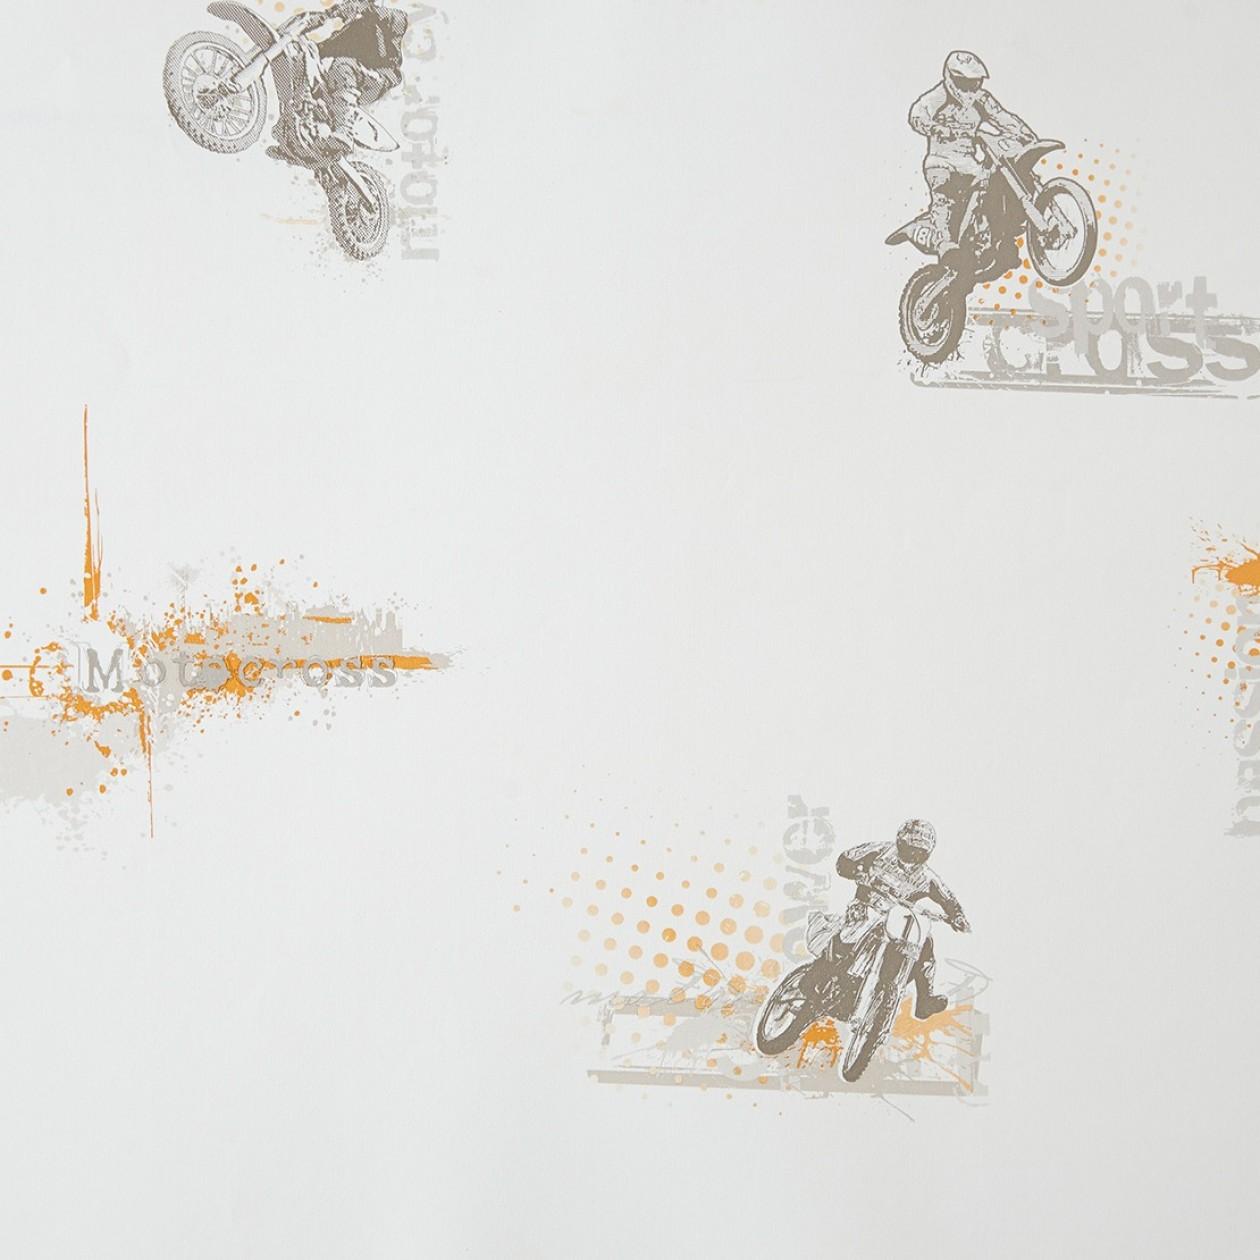 Motoros gyerek tapéta narancs felirattal